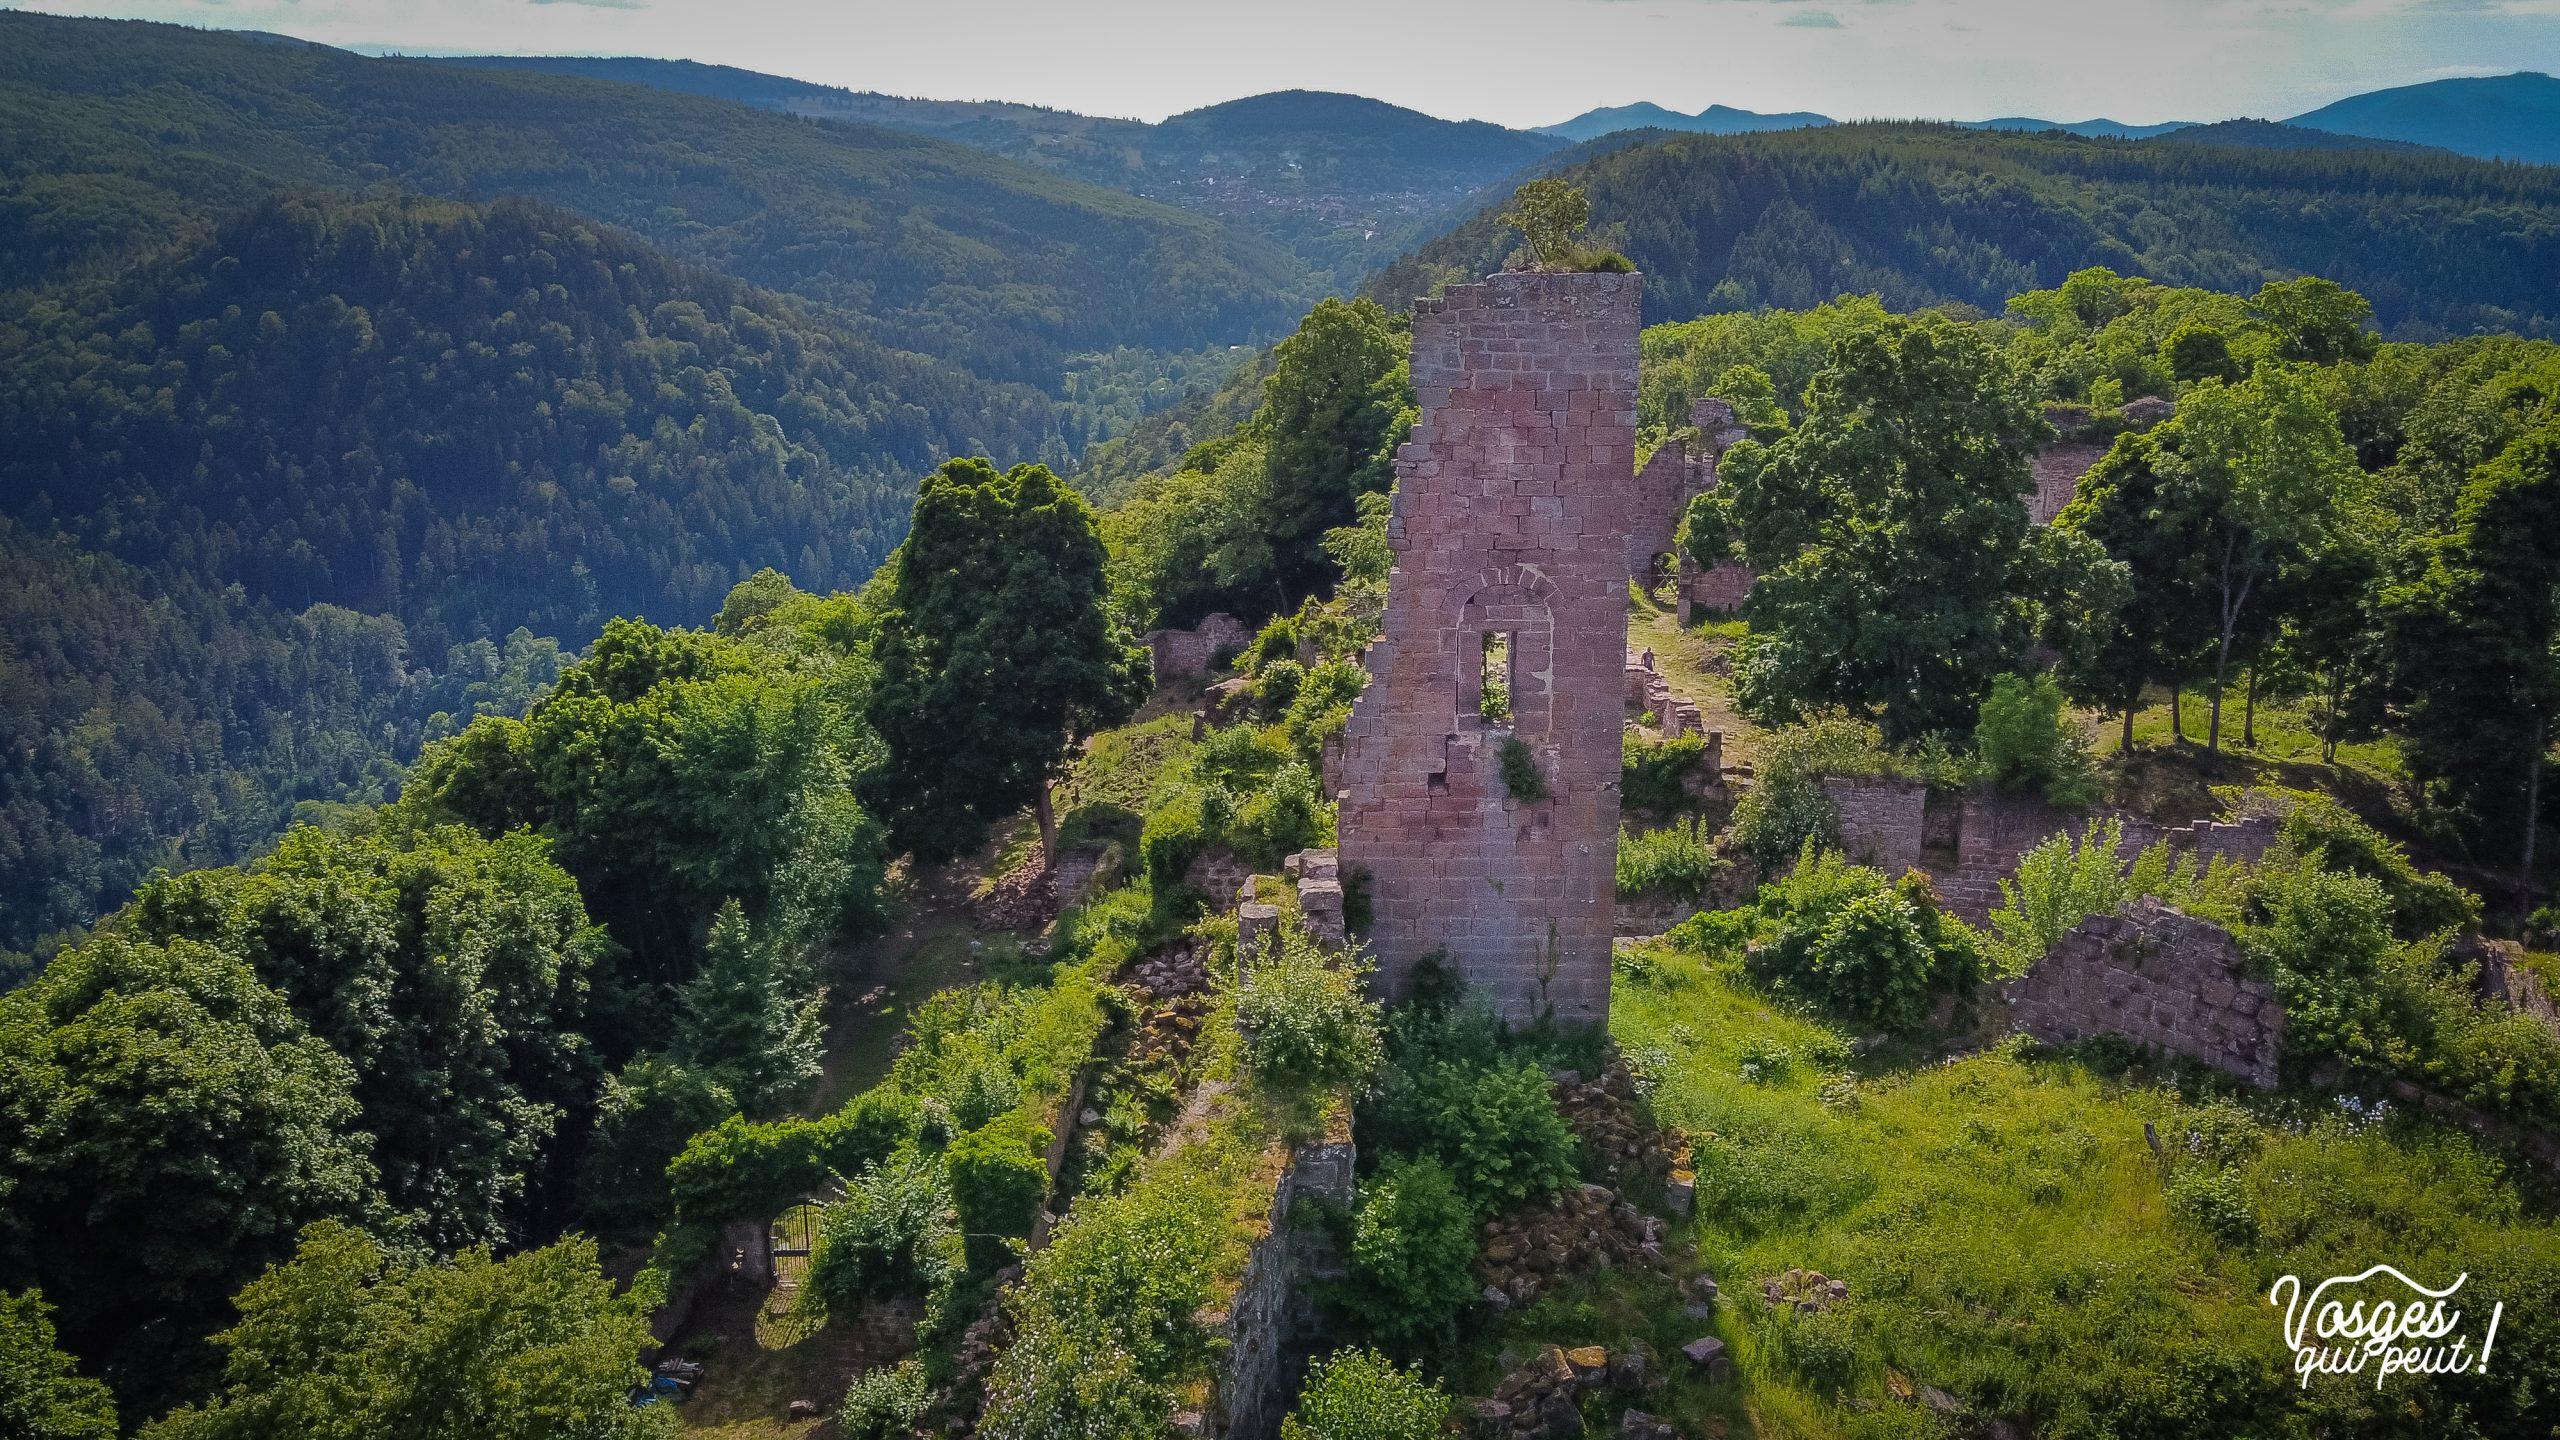 Vue aérienne sur les ruines du donjon du château de Guirbaden